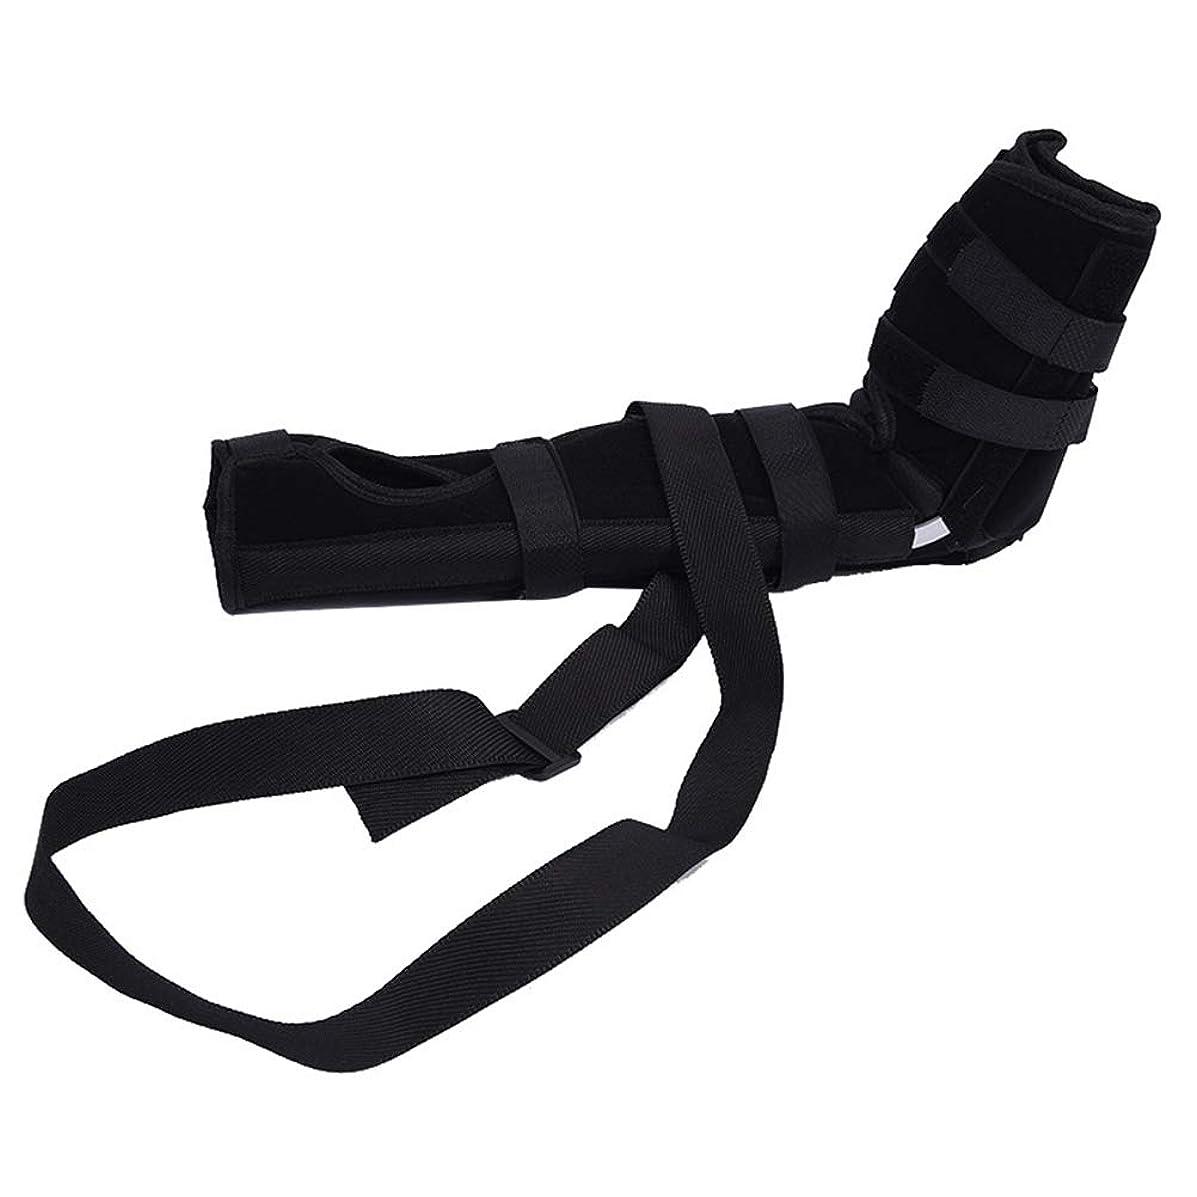 りリアル無意識SUPVOX 肘ブレース 関節サポート アームリーダー 保護 固定 腕つり 関節 保護 男女兼用 調節可能 通気性 術後ケアブレース(ブラック サイズS)